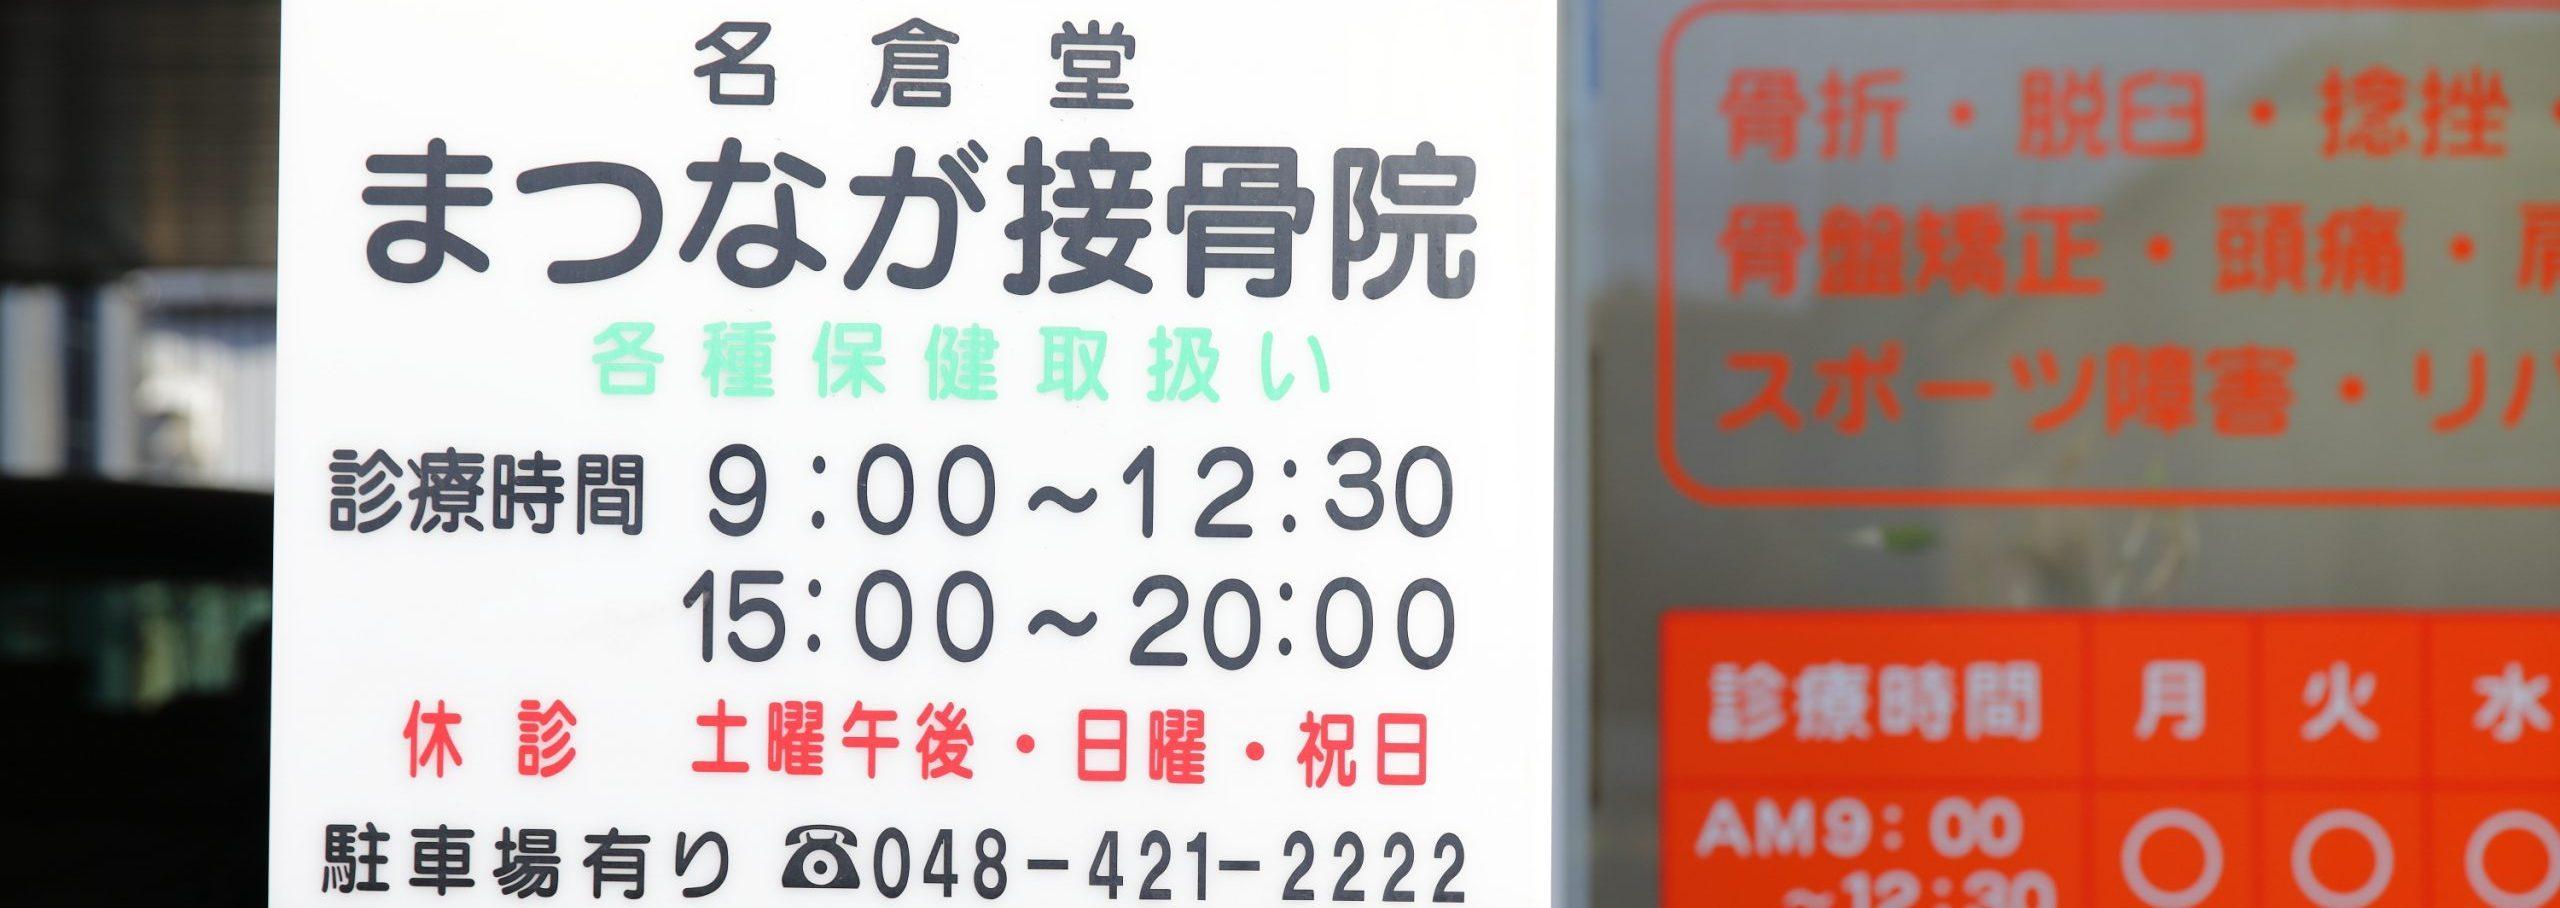 まつなが接骨院|戸田市の整骨院